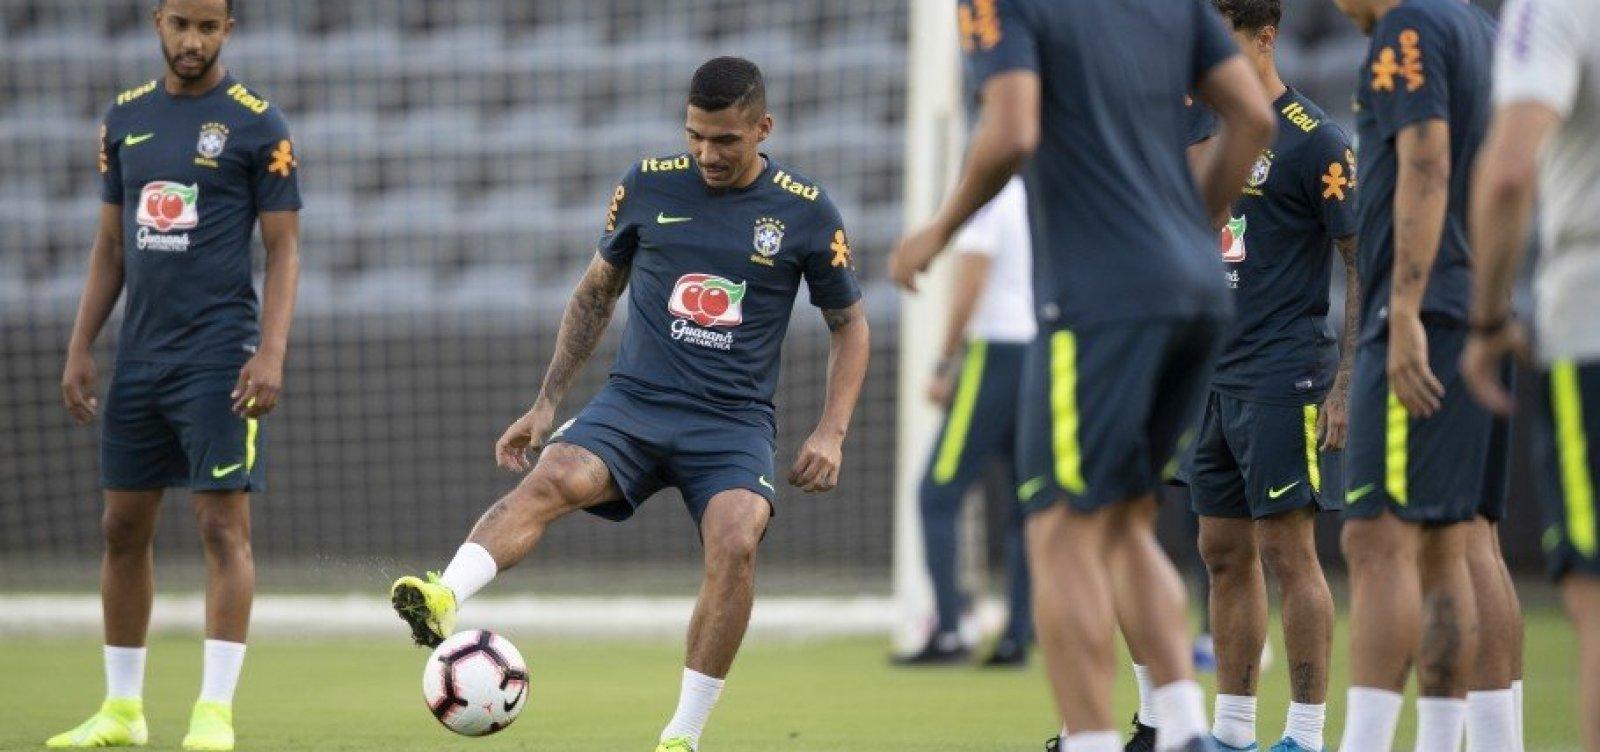 [Seleção brasileira enfrenta Peru em amistoso na madrugada desta quarta-feira]